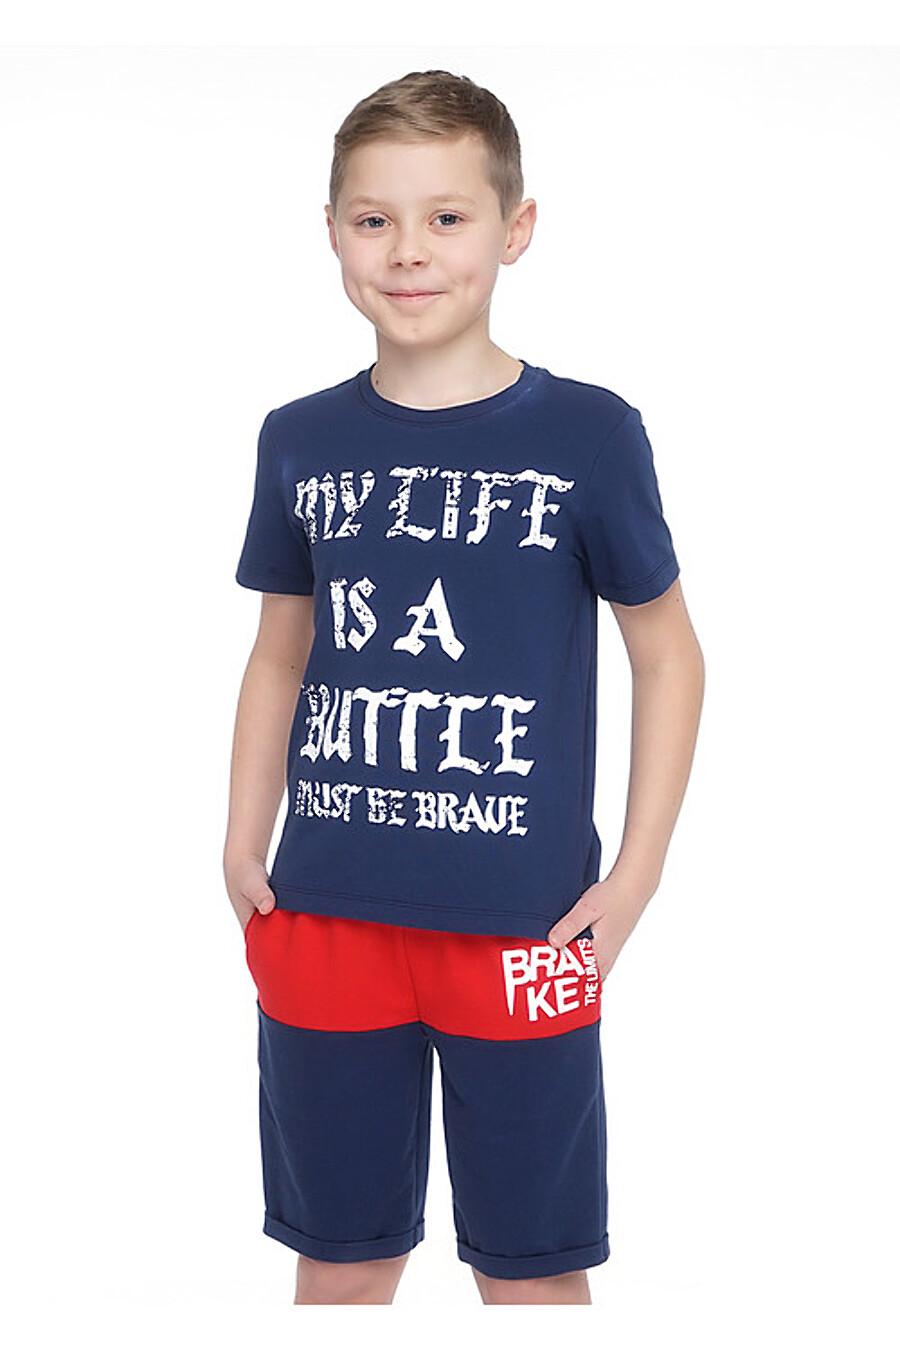 Футболка для мальчиков CLEVER 155091 купить оптом от производителя. Совместная покупка детской одежды в OptMoyo